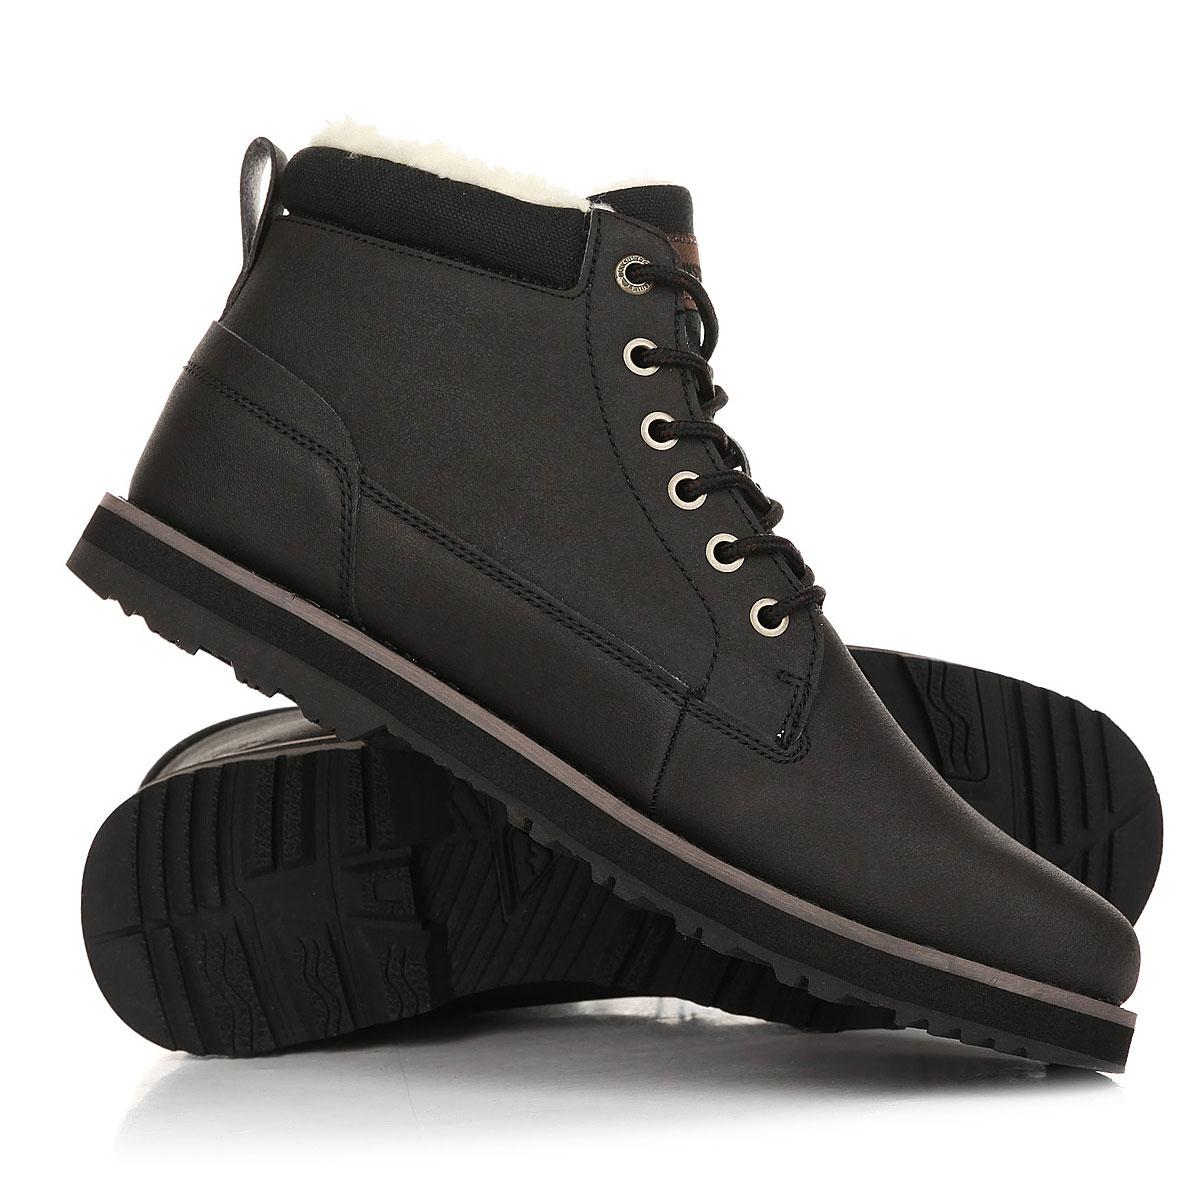 Ботинки мужские - купить в интернет-магазине Проскейтер 9e457d7f7cd